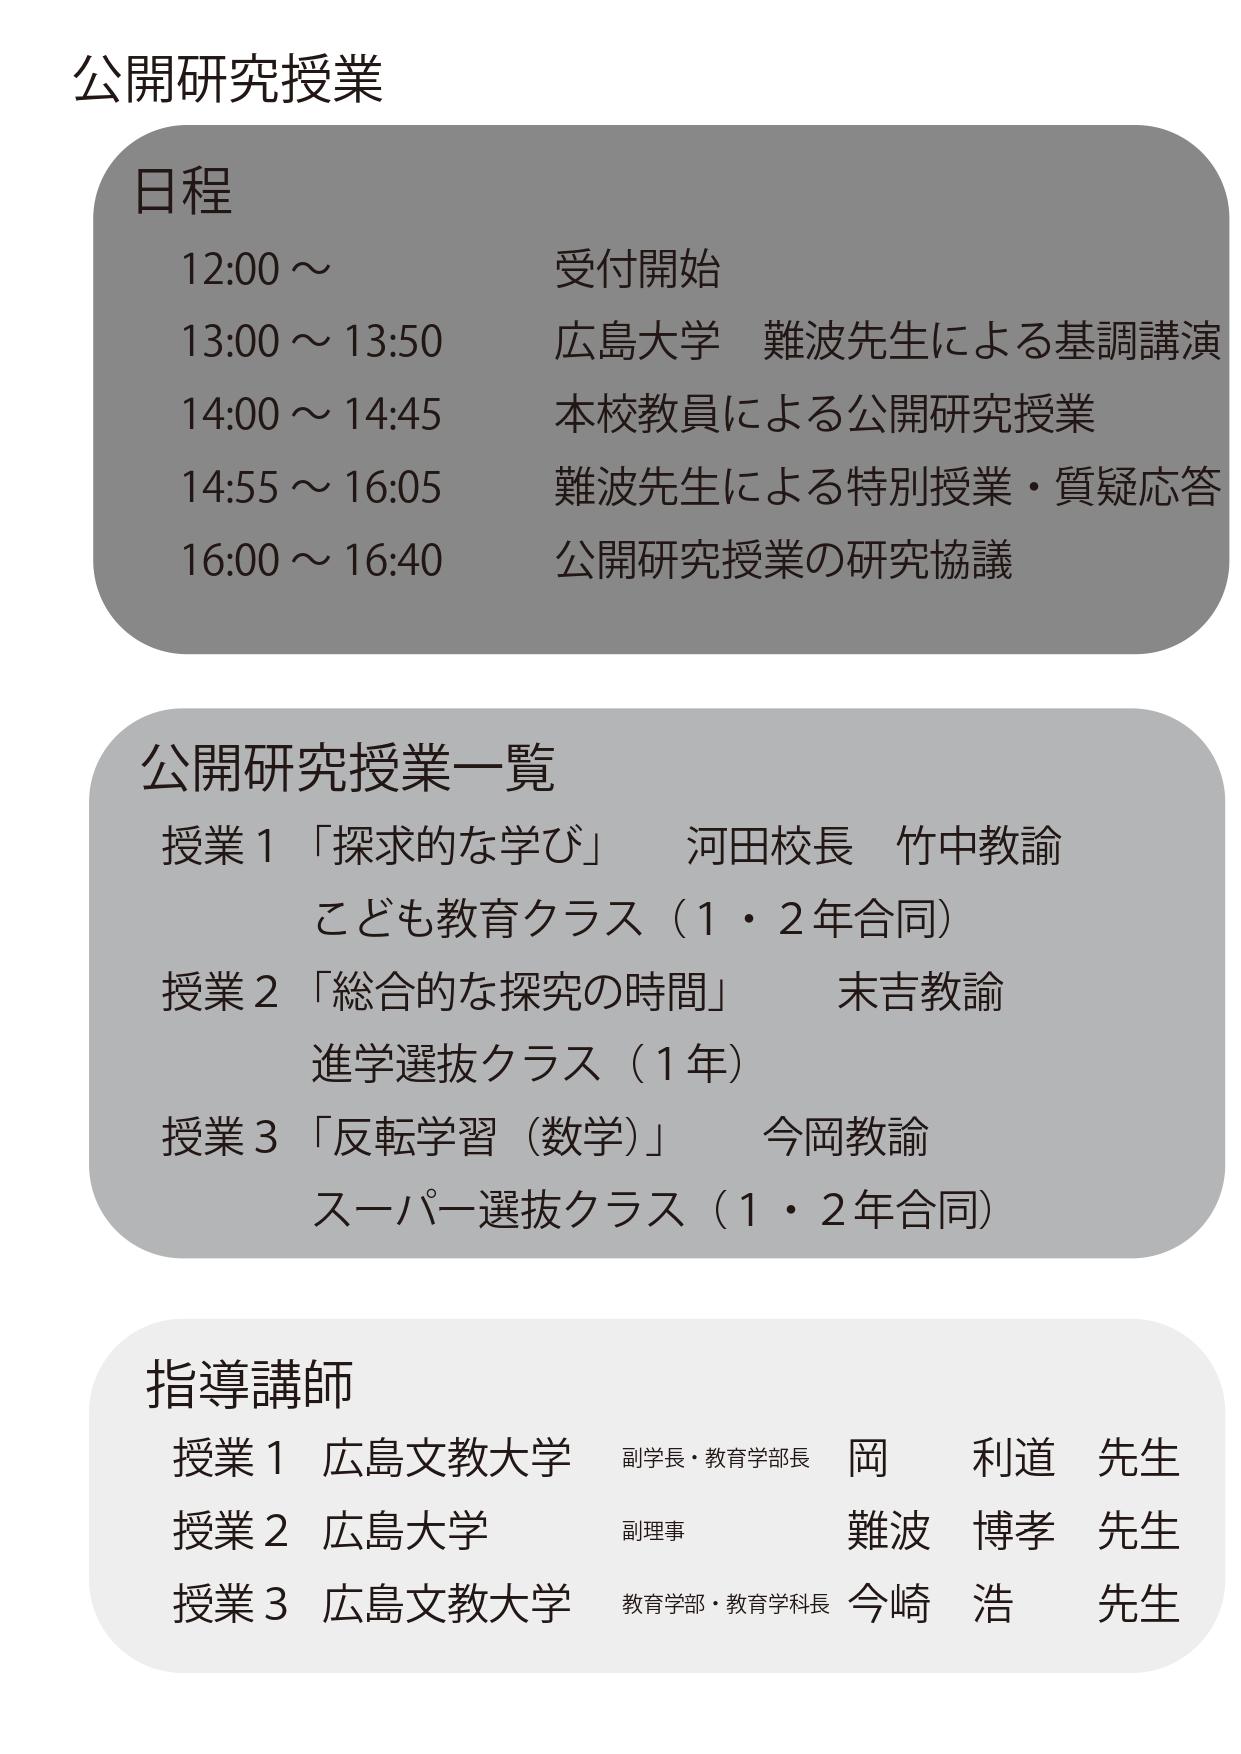 蜈ャ髢狗皮ゥカ謗域・ュ繝√Λ繧キ_page-0002.jpg